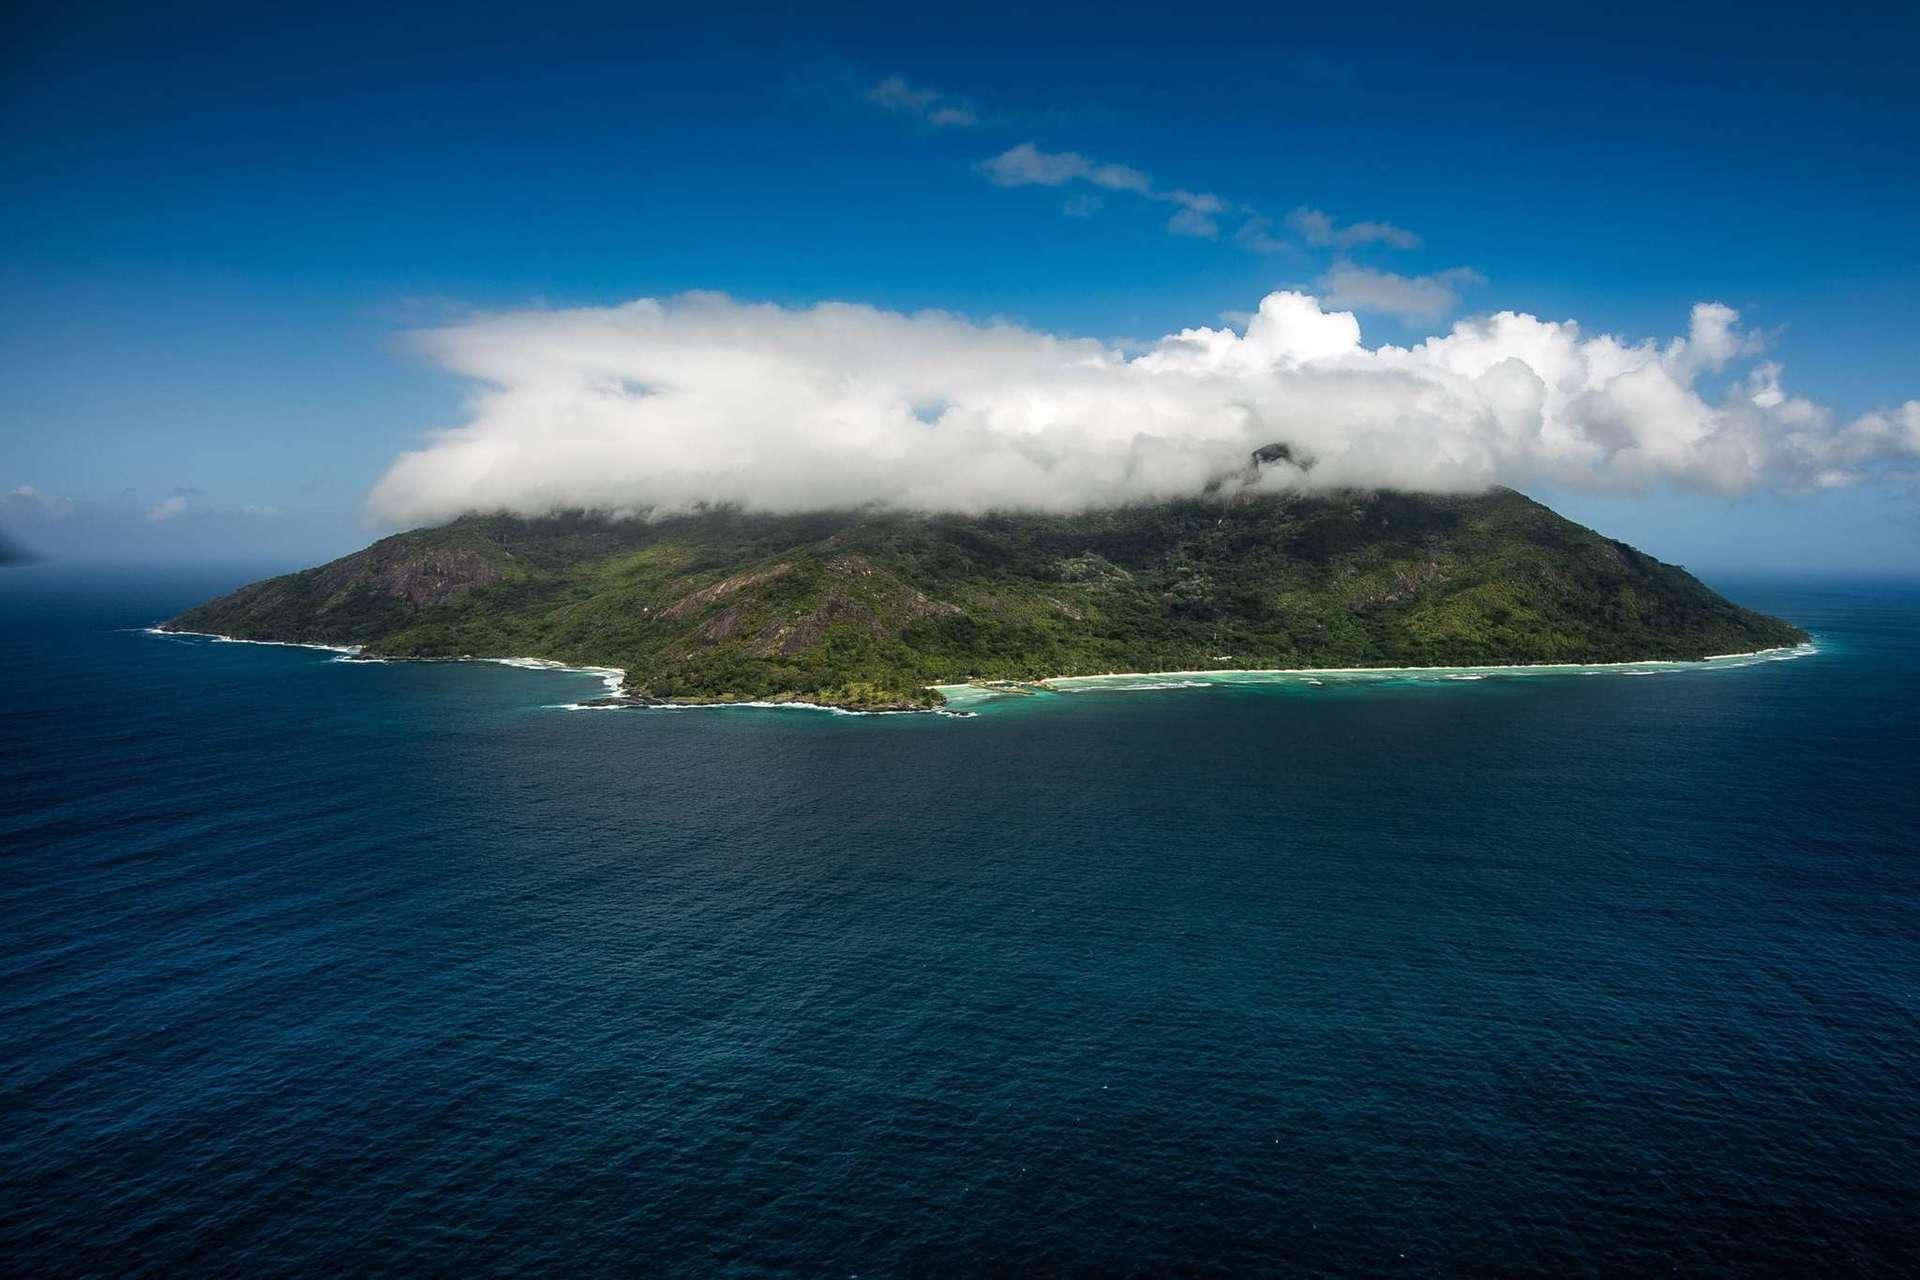 Hilton Seychelles Labriz Resort & Spa розташований в Національному парку, на білому піщаному пляжі острова Силует. Це єдиний готель на острові, 95% якого покриті лісами національного парку.